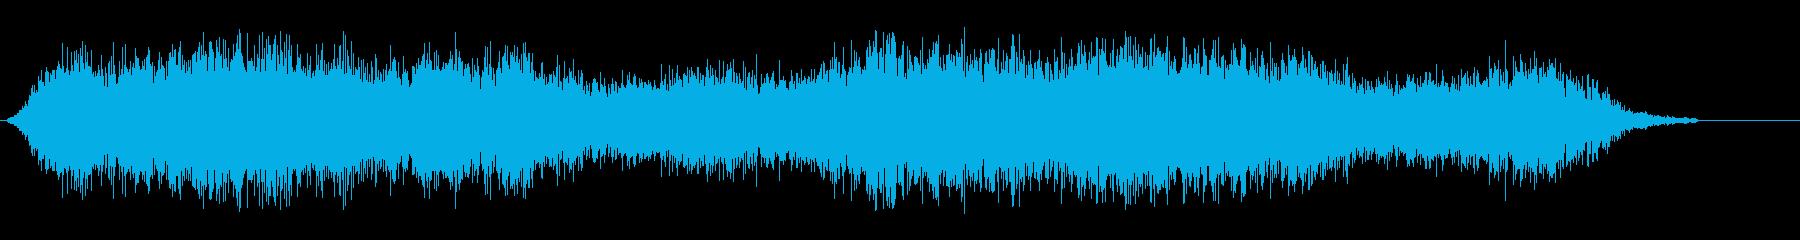 シャシャシャ(紙が擦れるような効果音)の再生済みの波形